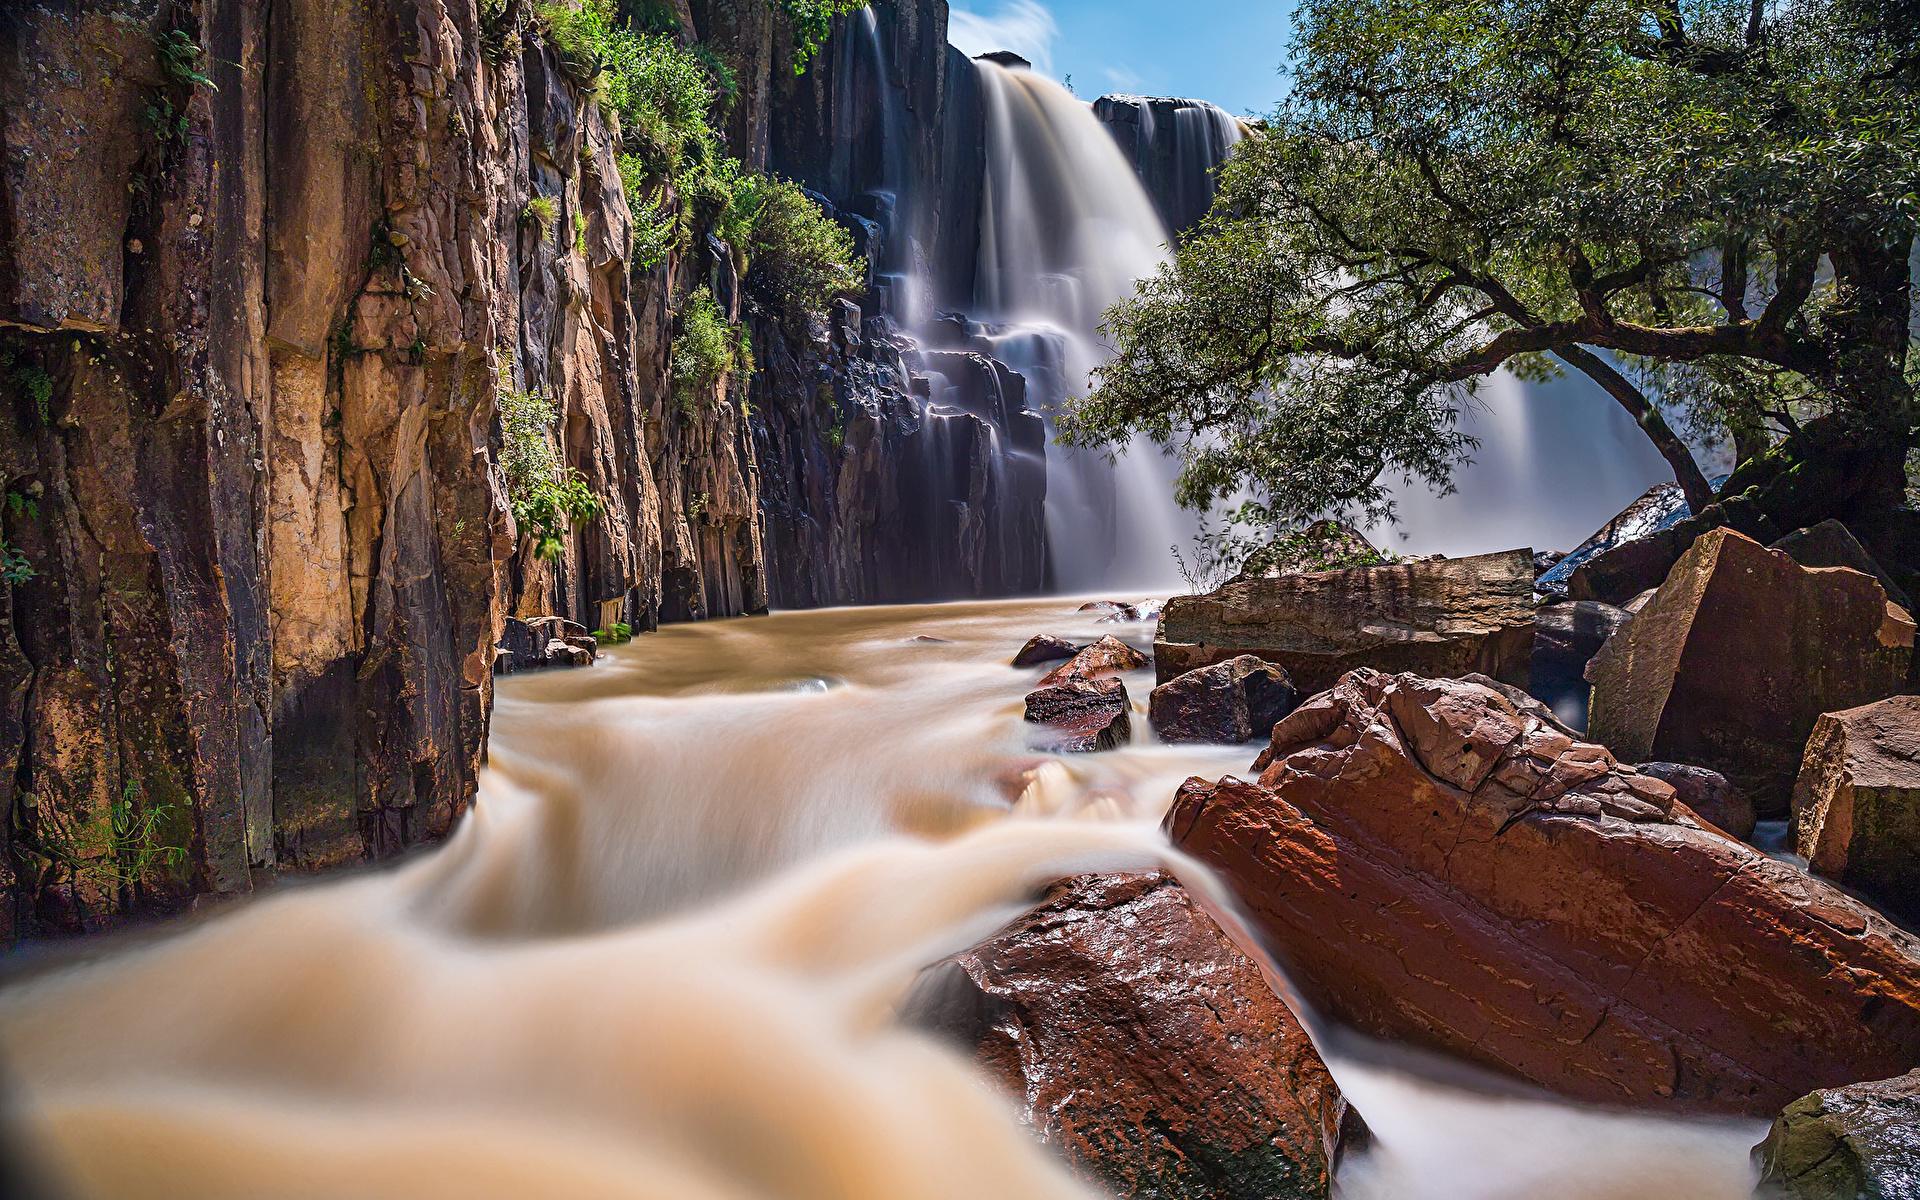 Картинка Мексика Cascada de la Concepcion Aculco Природа Водопады Реки Камни 1920x1200 река речка Камень